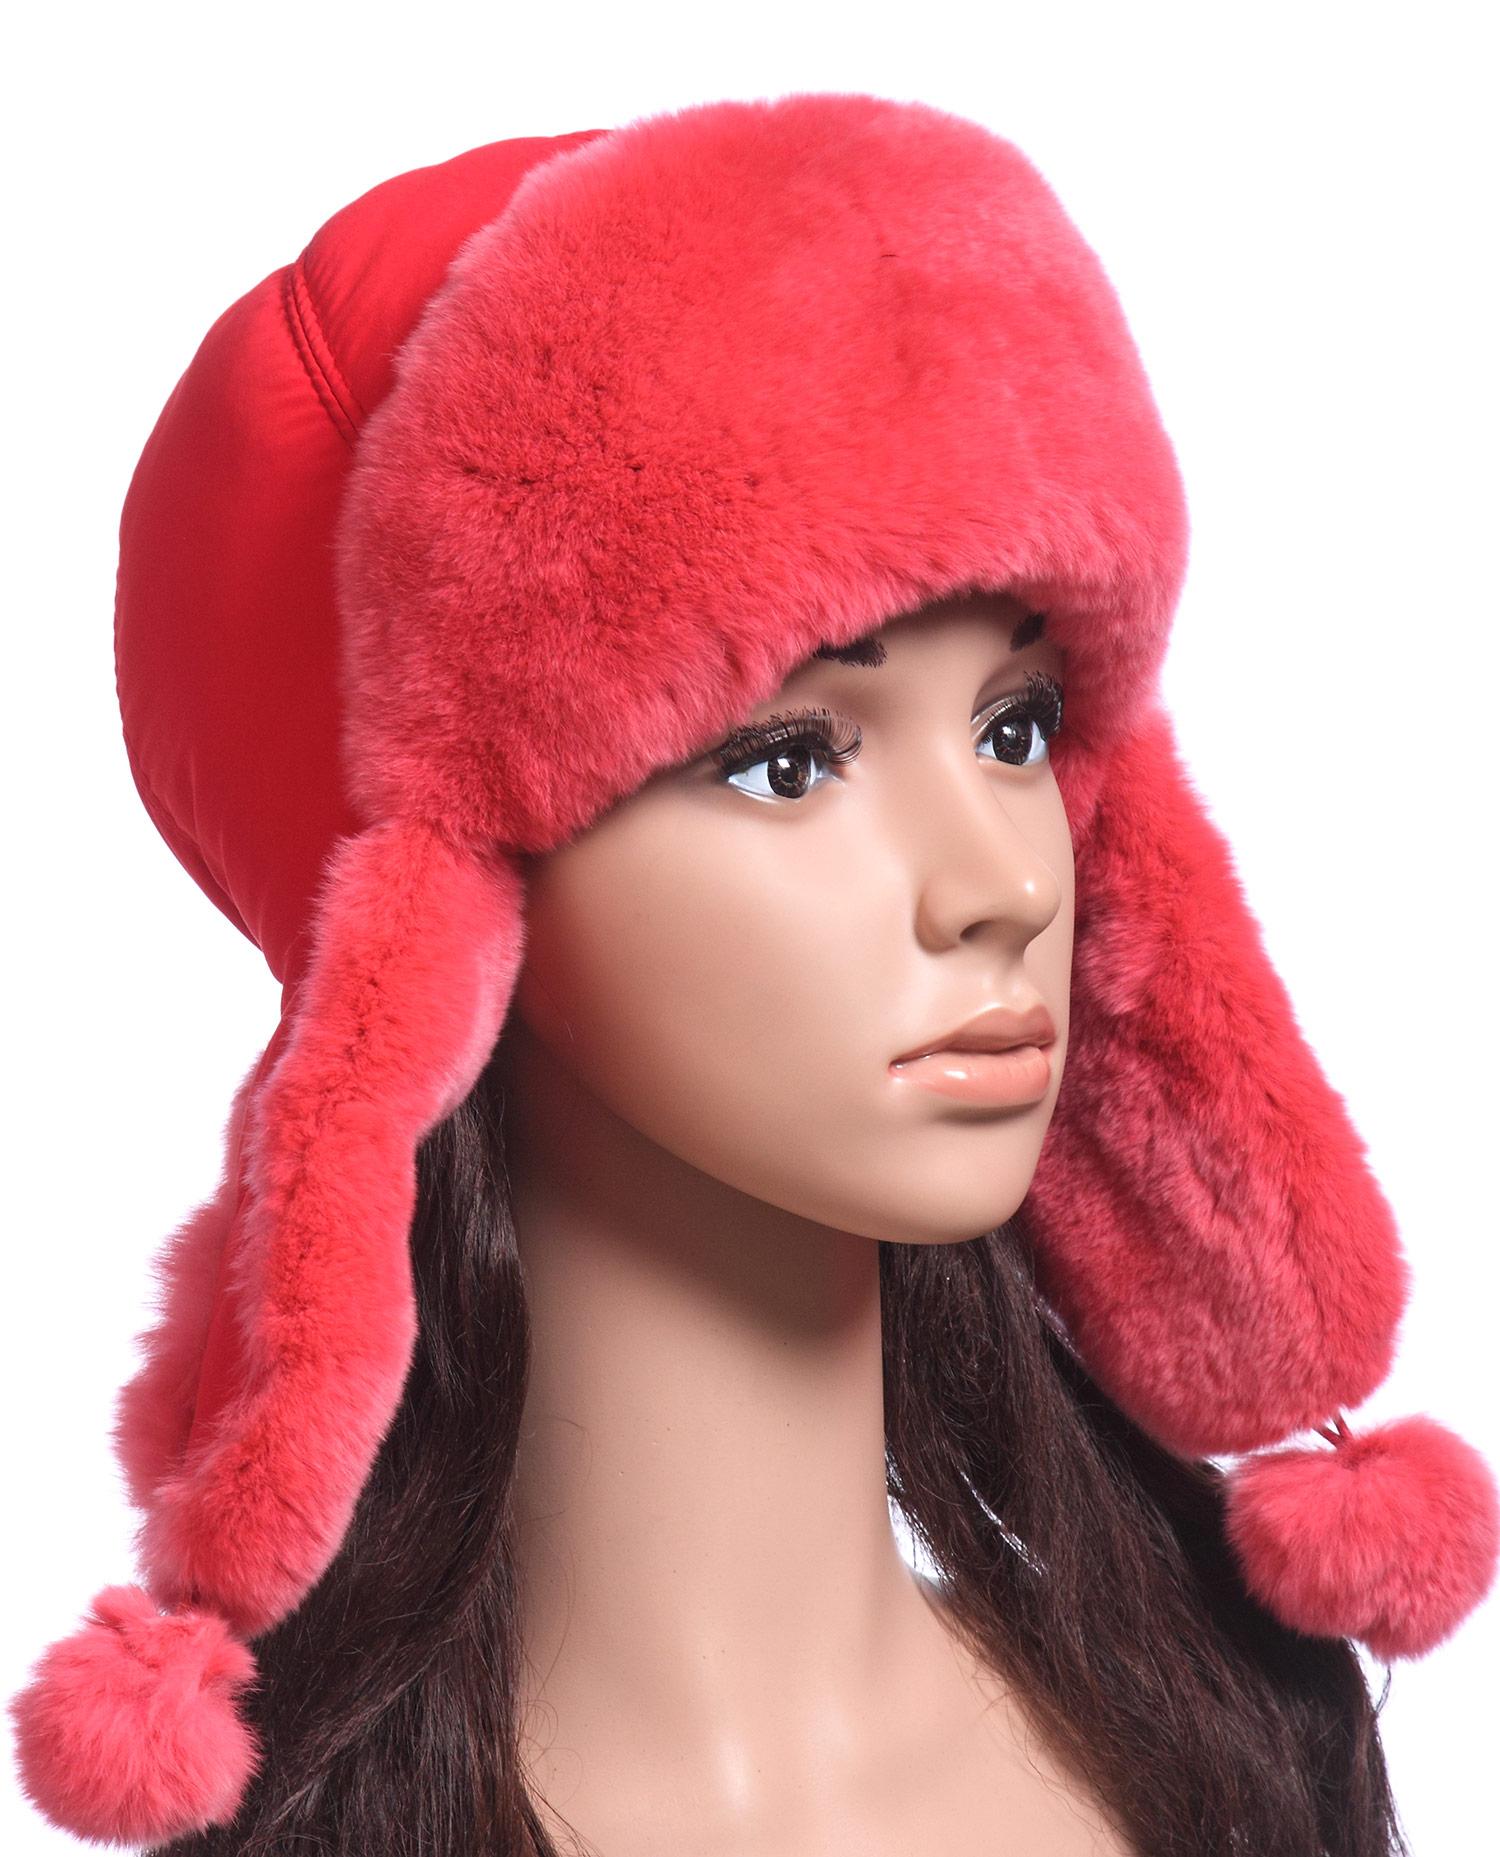 Шапка женская из текстиля, отделка кролик<br><br>Материал: Текстиль<br>Цвет: красный<br>Пол: Женский<br>Размер RU: 57-58